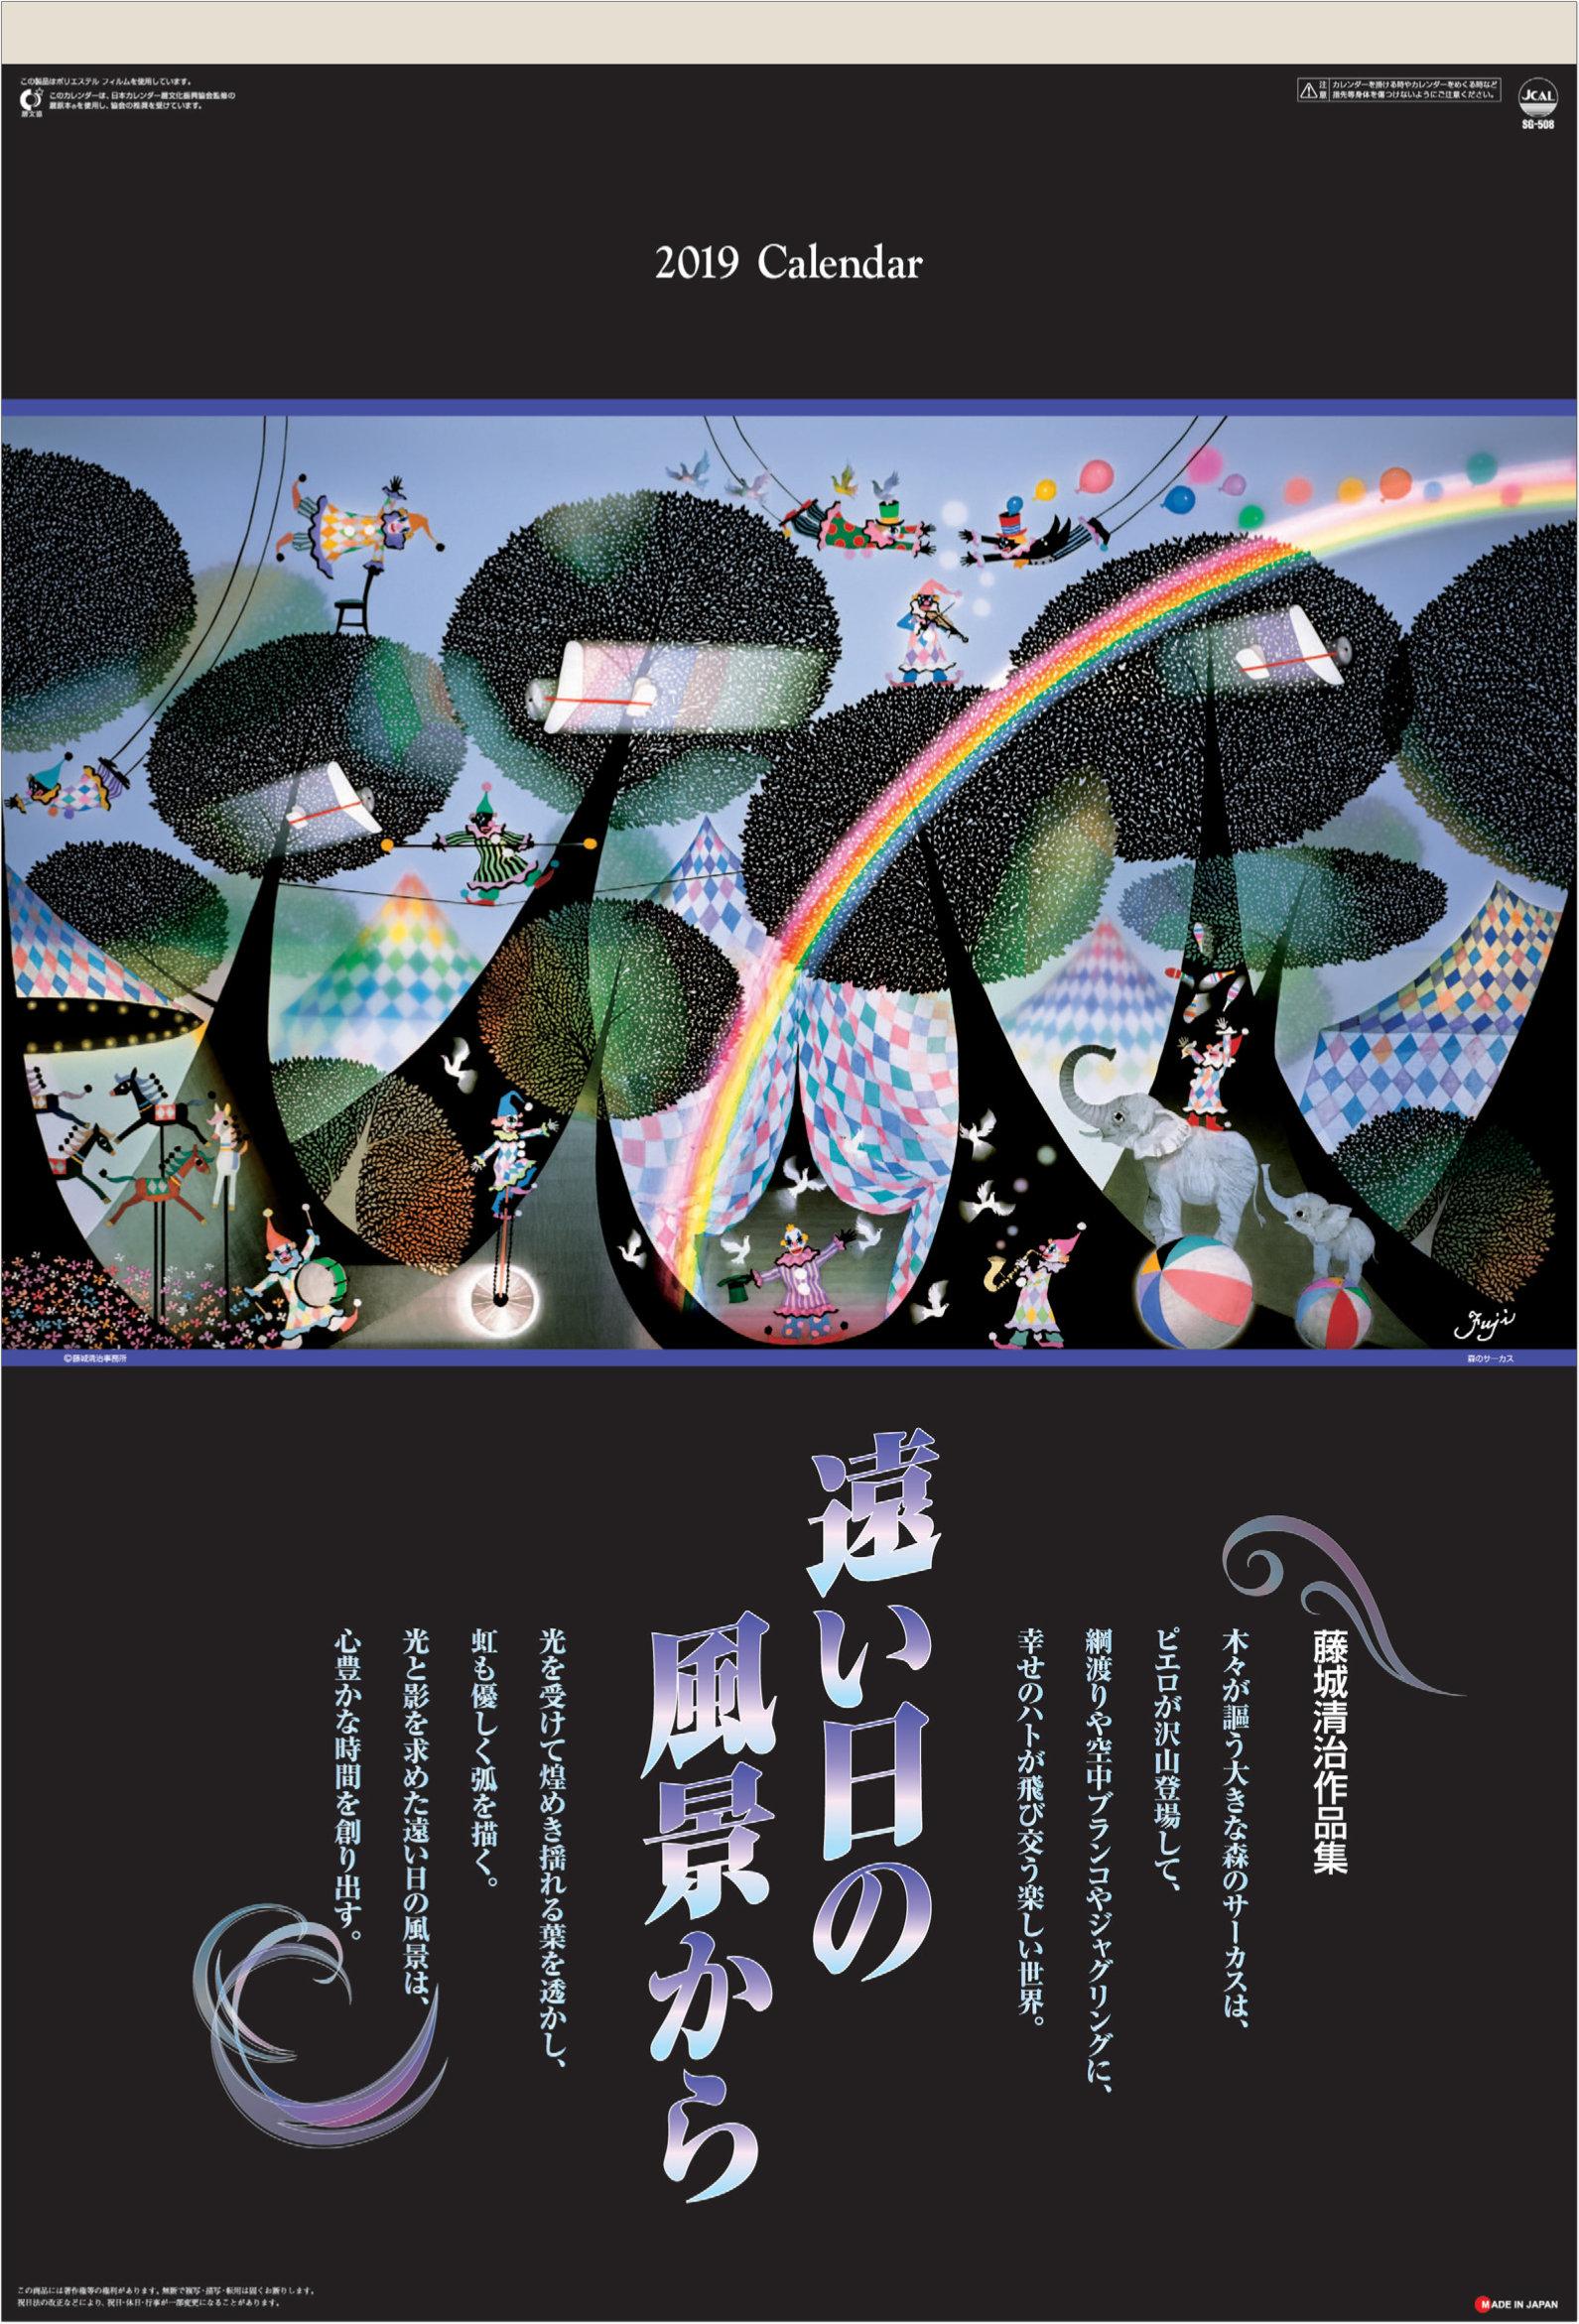 遠い日の風景から(影絵)  藤城清治 (フィルムカレンダー) 2019年カレンダー